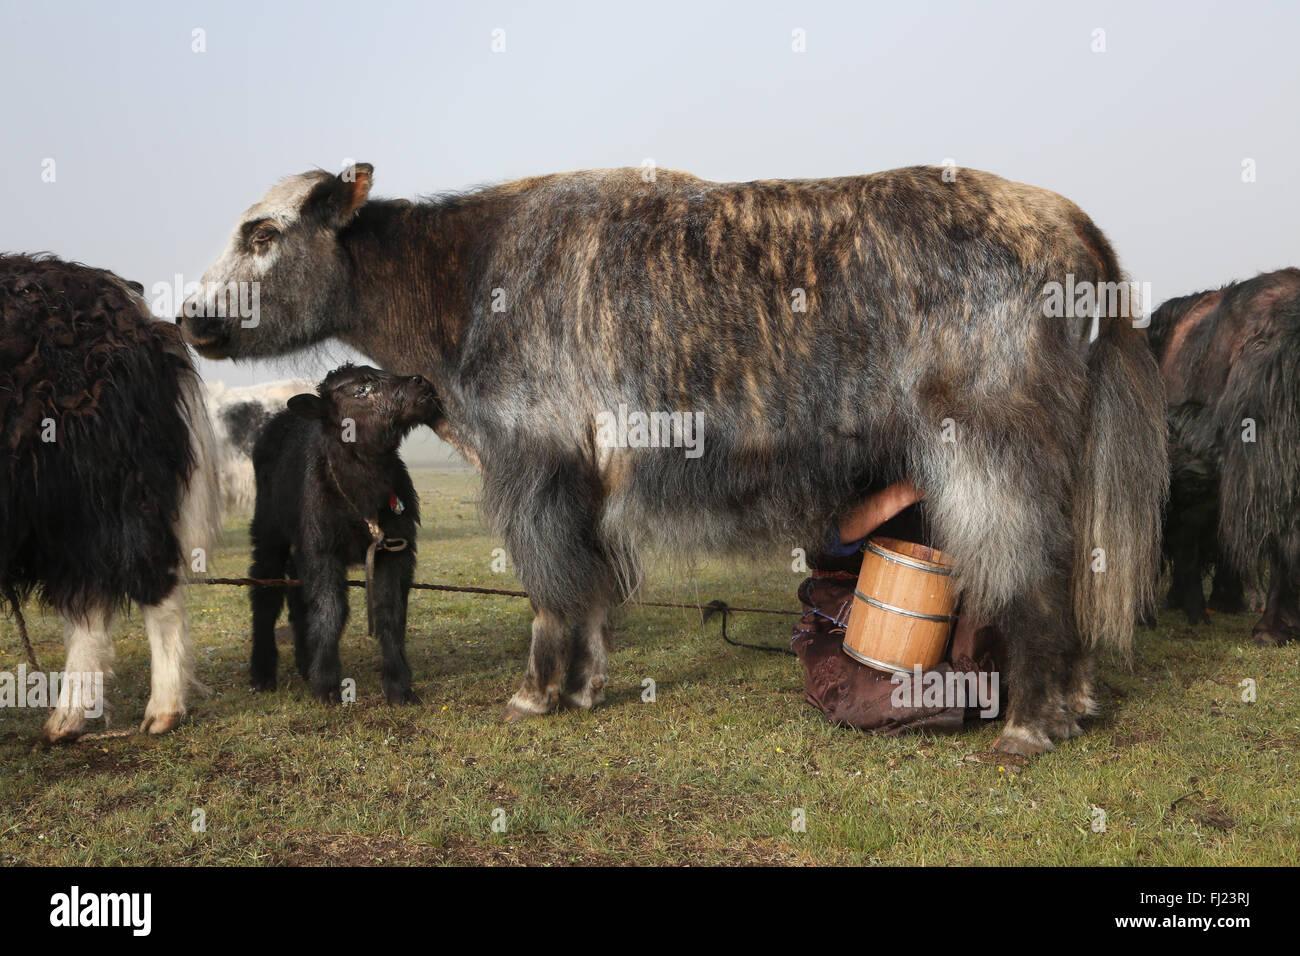 Los yaks de ordeño en el campamento de nómadas en Mongolia Imagen De Stock